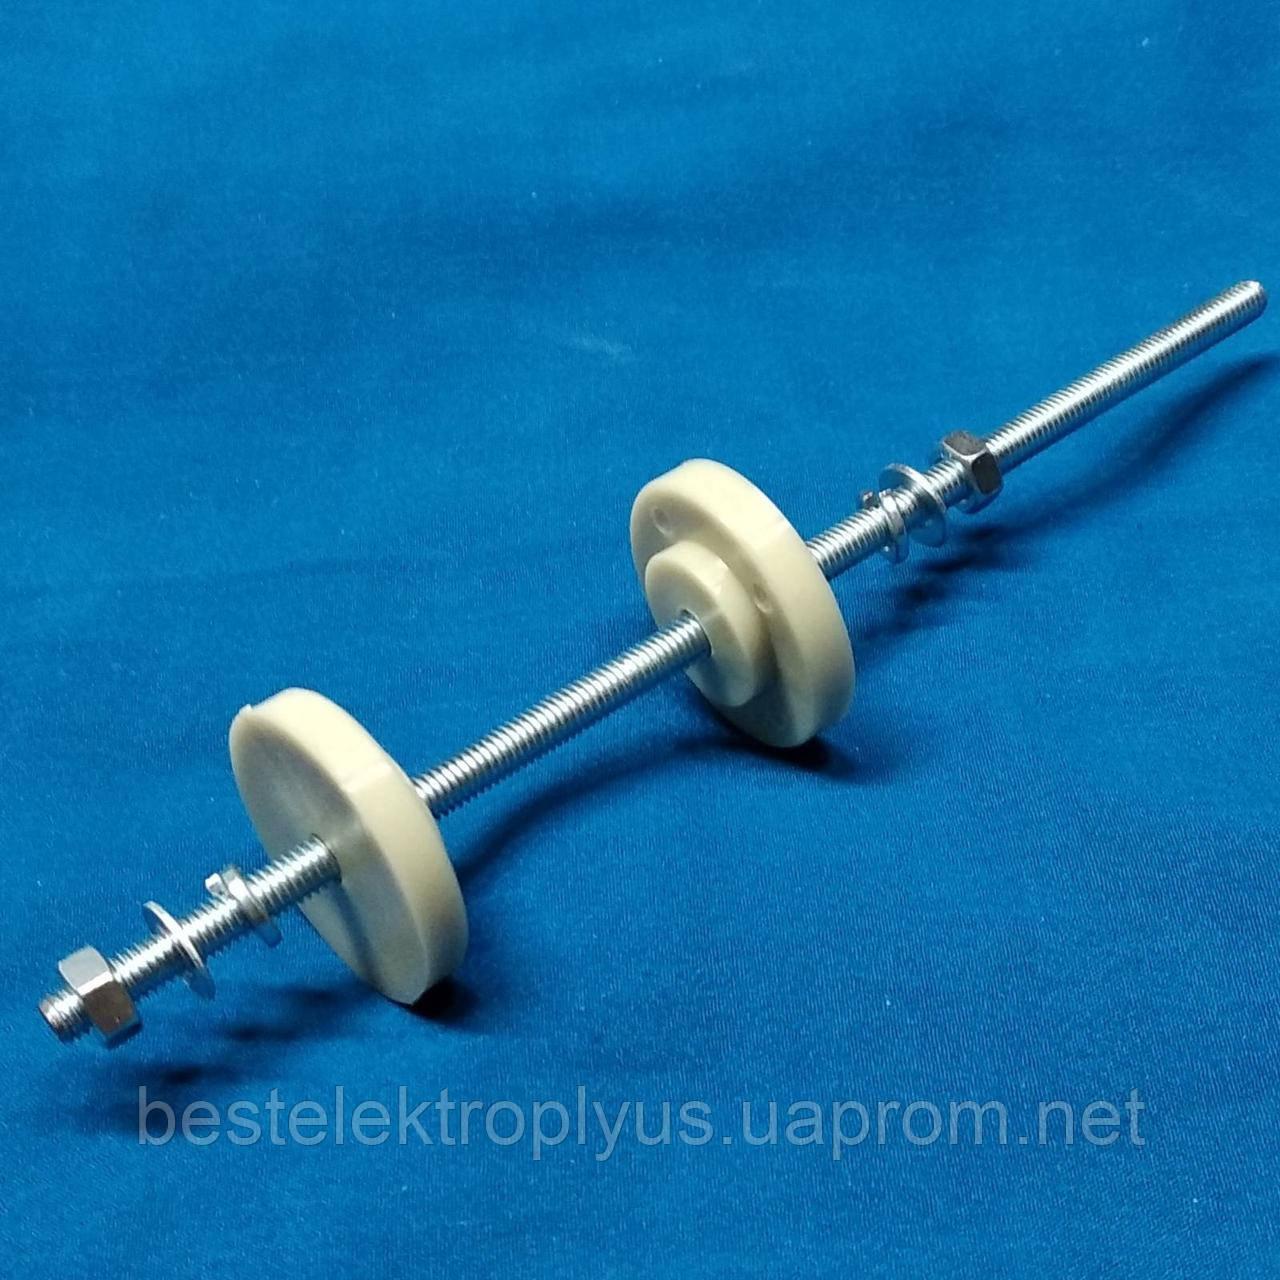 Комплект крепления для мощных трубчатых резисторов 160 Вт